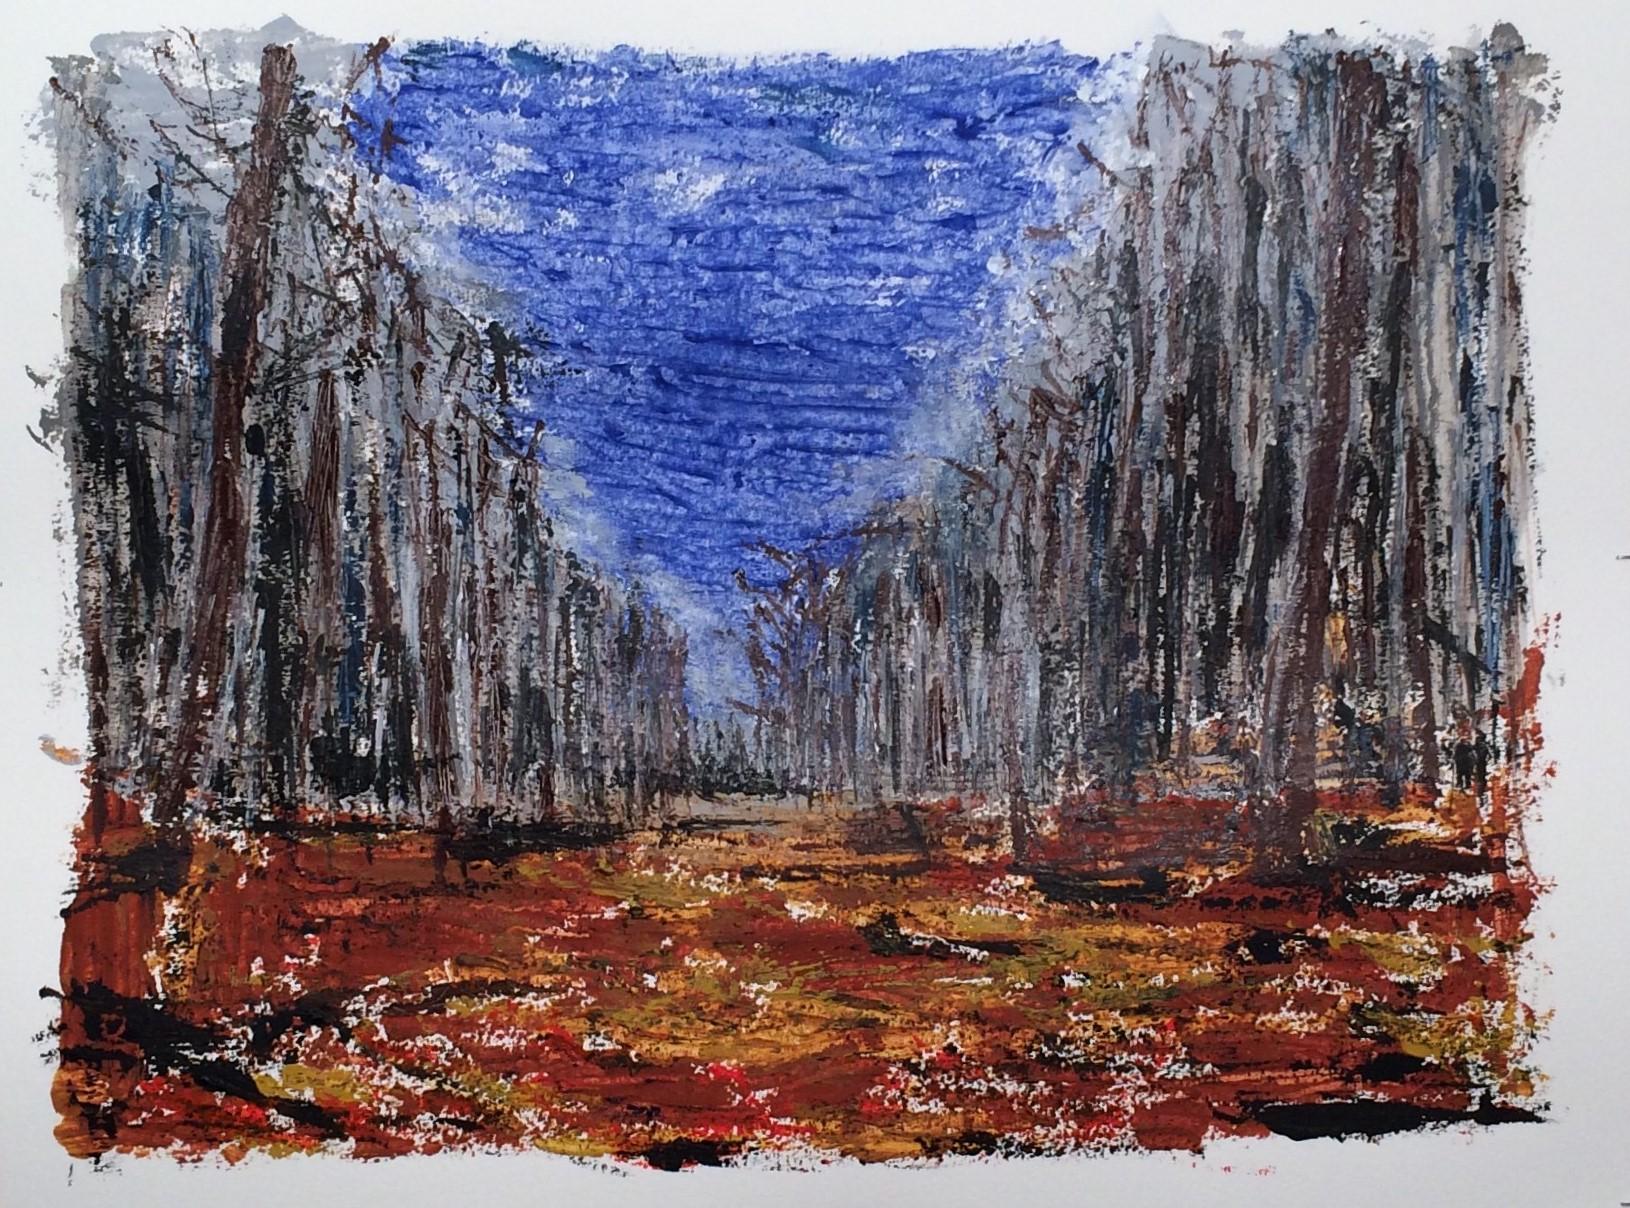 N°2392 - Forêt - Acrylique et pigments sur papier - 50 x 65 cm - 25 avril 2016